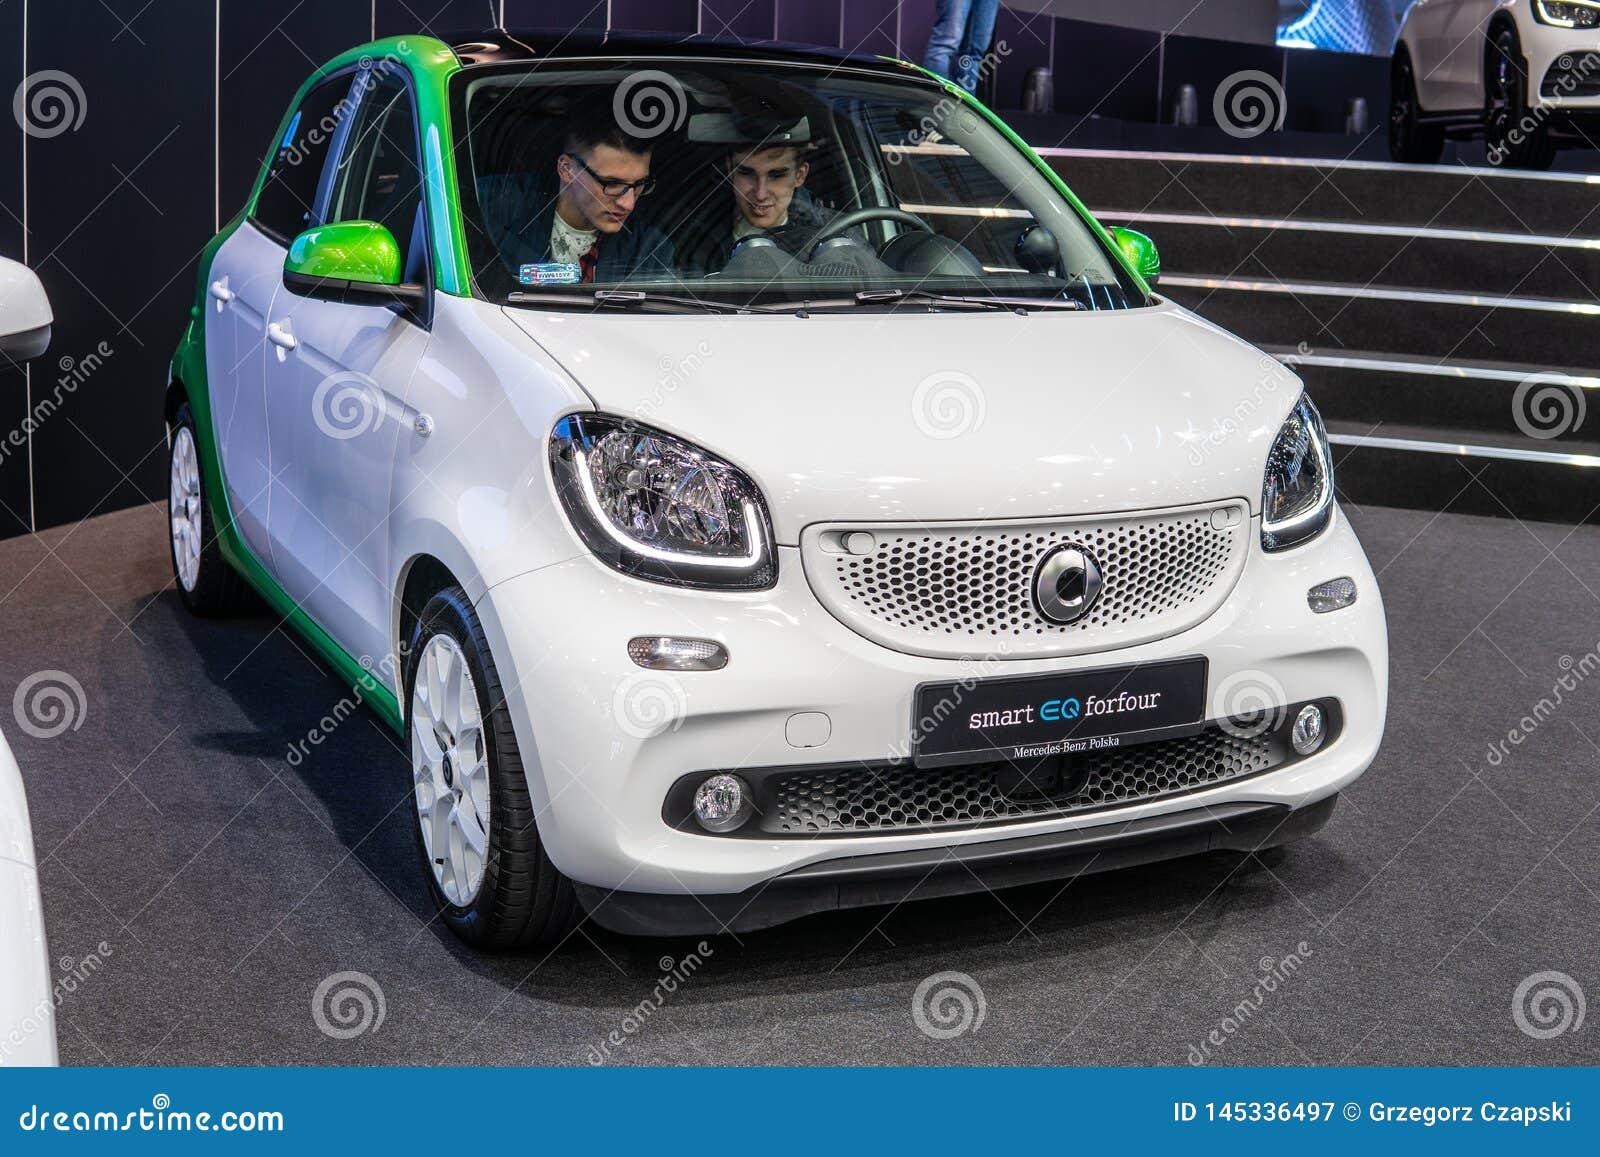 Mądrze EQ forfour, elektryczny pojazd EV produkujący Mercedes-Benz